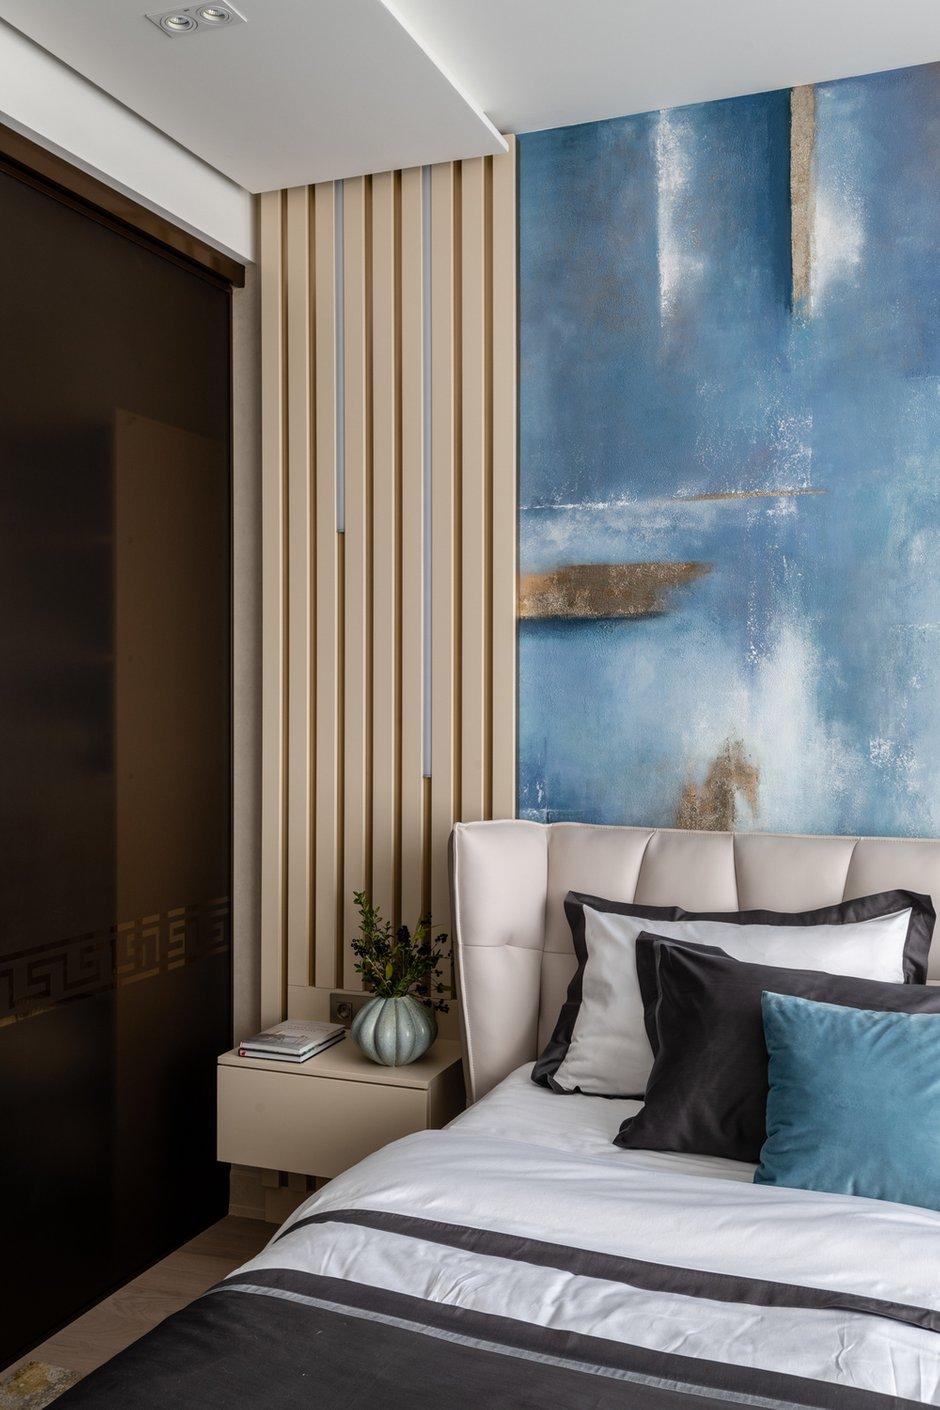 Предложение сделать гардеробную в виде куба из бронзированного стекла в спальне также сразу было утверждено. Получилось красиво и функционально.